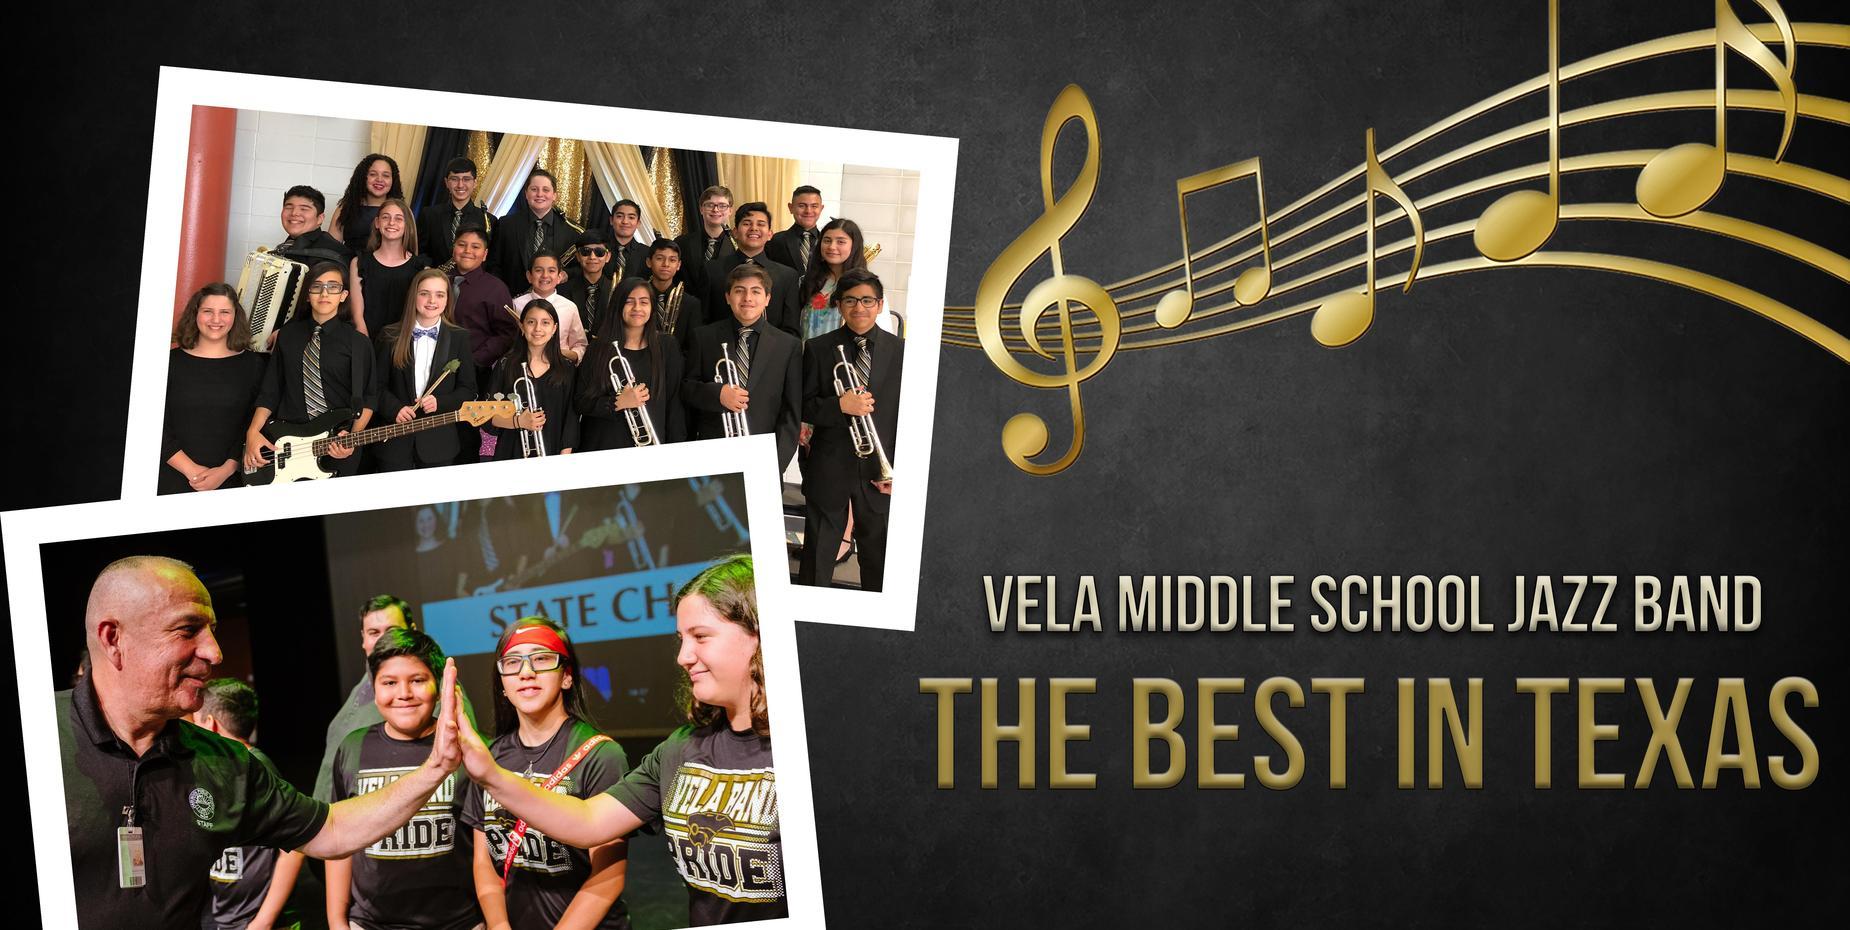 Vela best jazz band